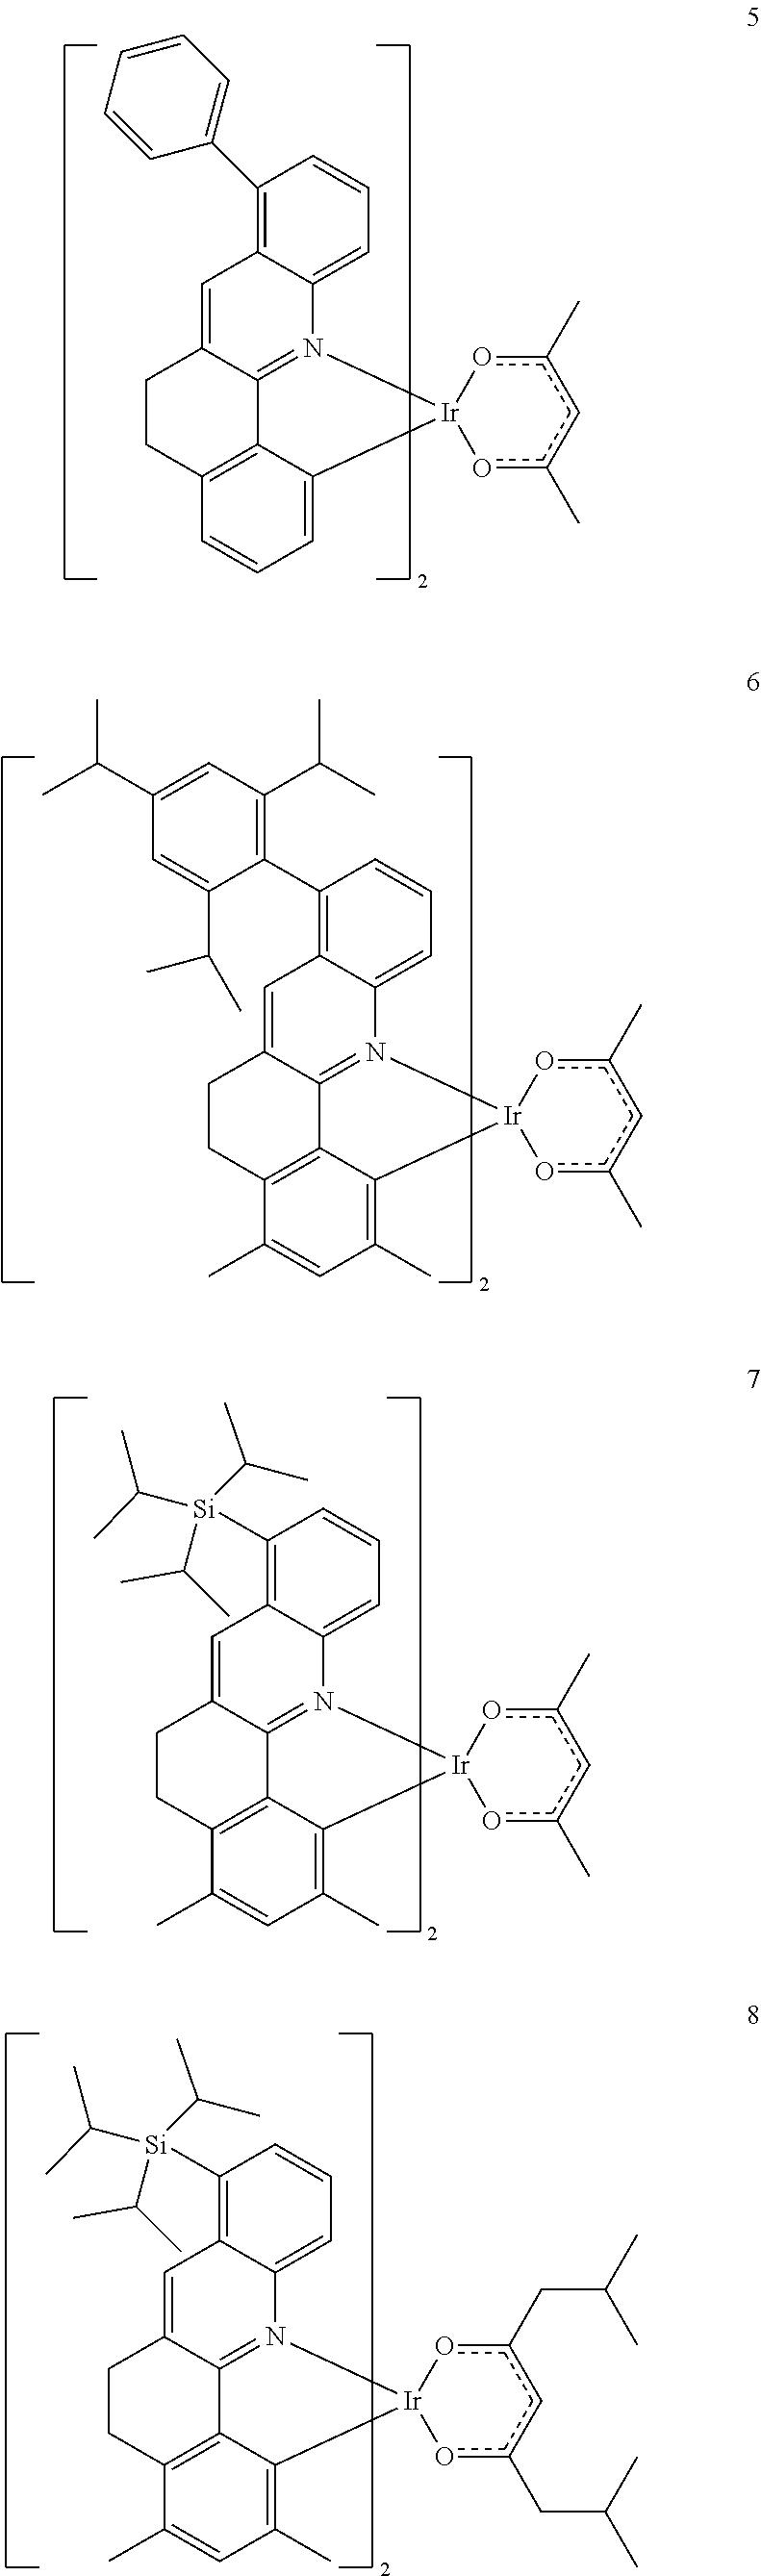 Figure US20130032785A1-20130207-C00008